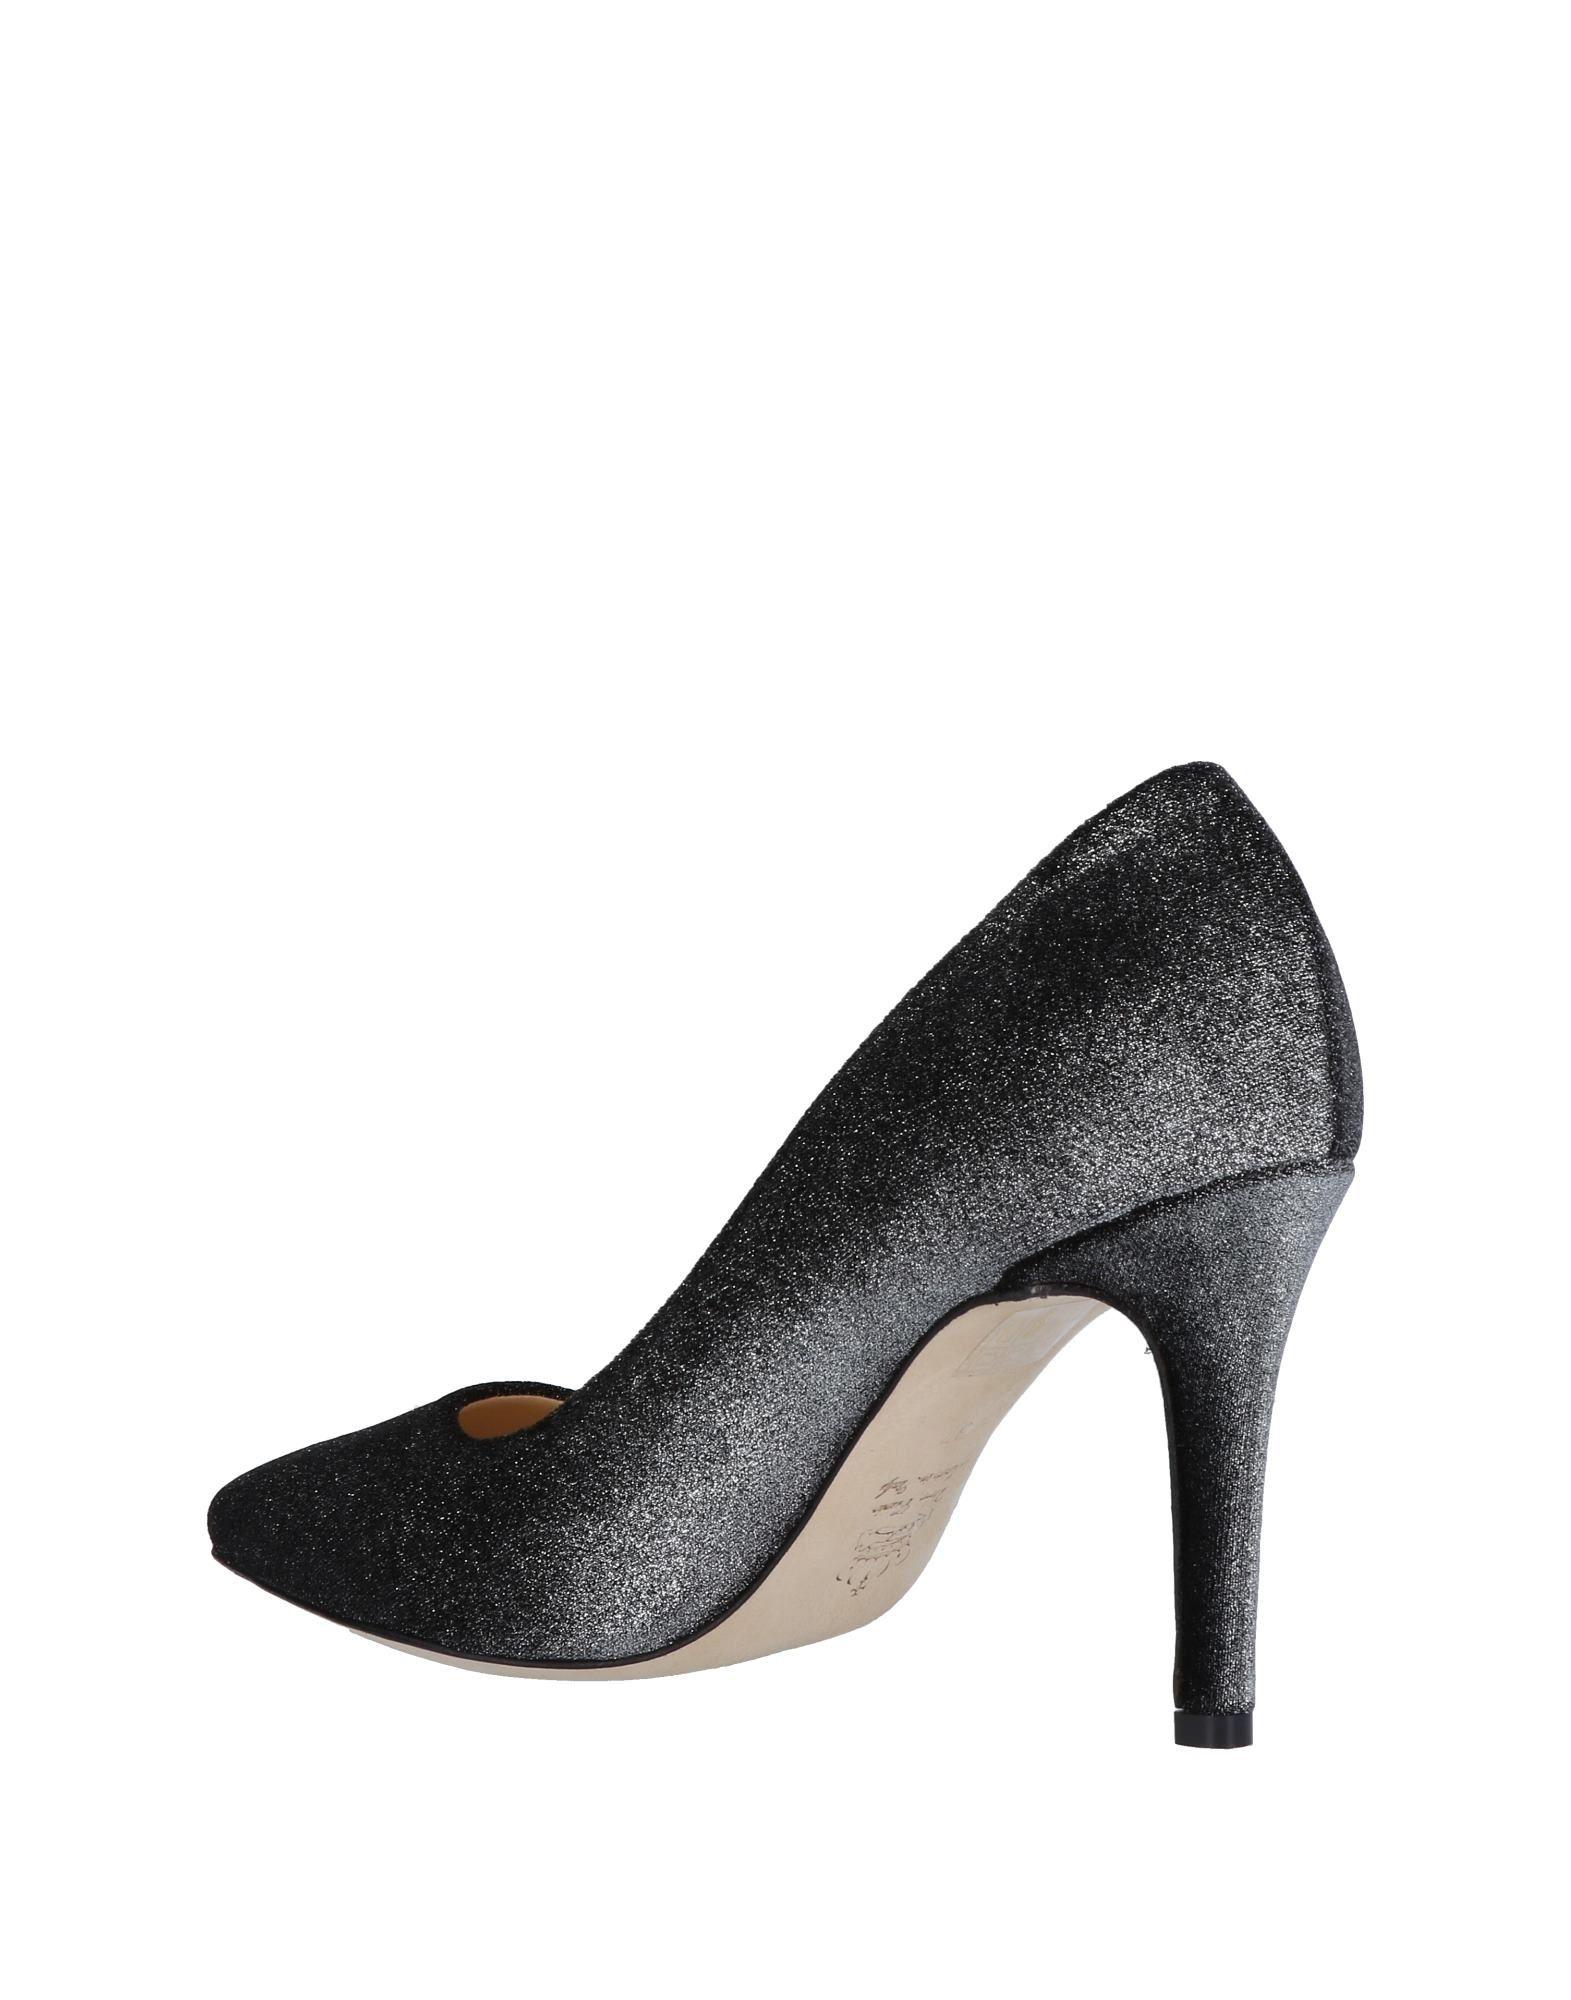 Charly Pumps Damen beliebte  11278042NN Gute Qualität beliebte Damen Schuhe 511459